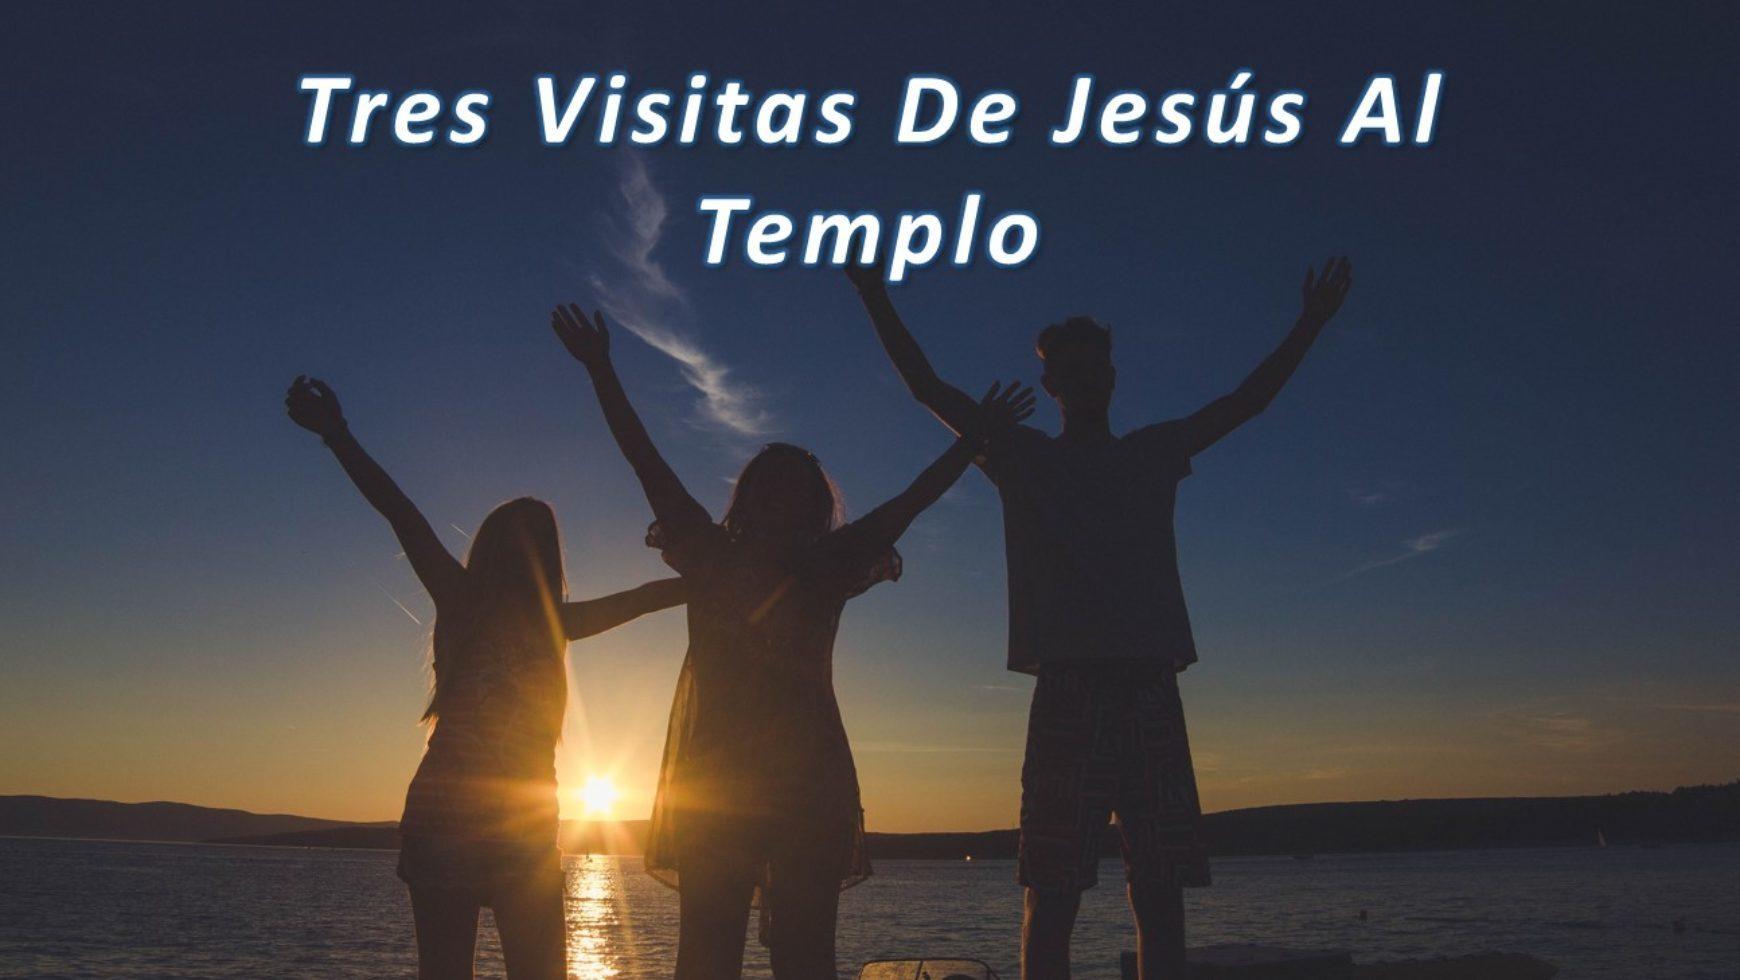 Tres Visitas De Jesús Al Templo